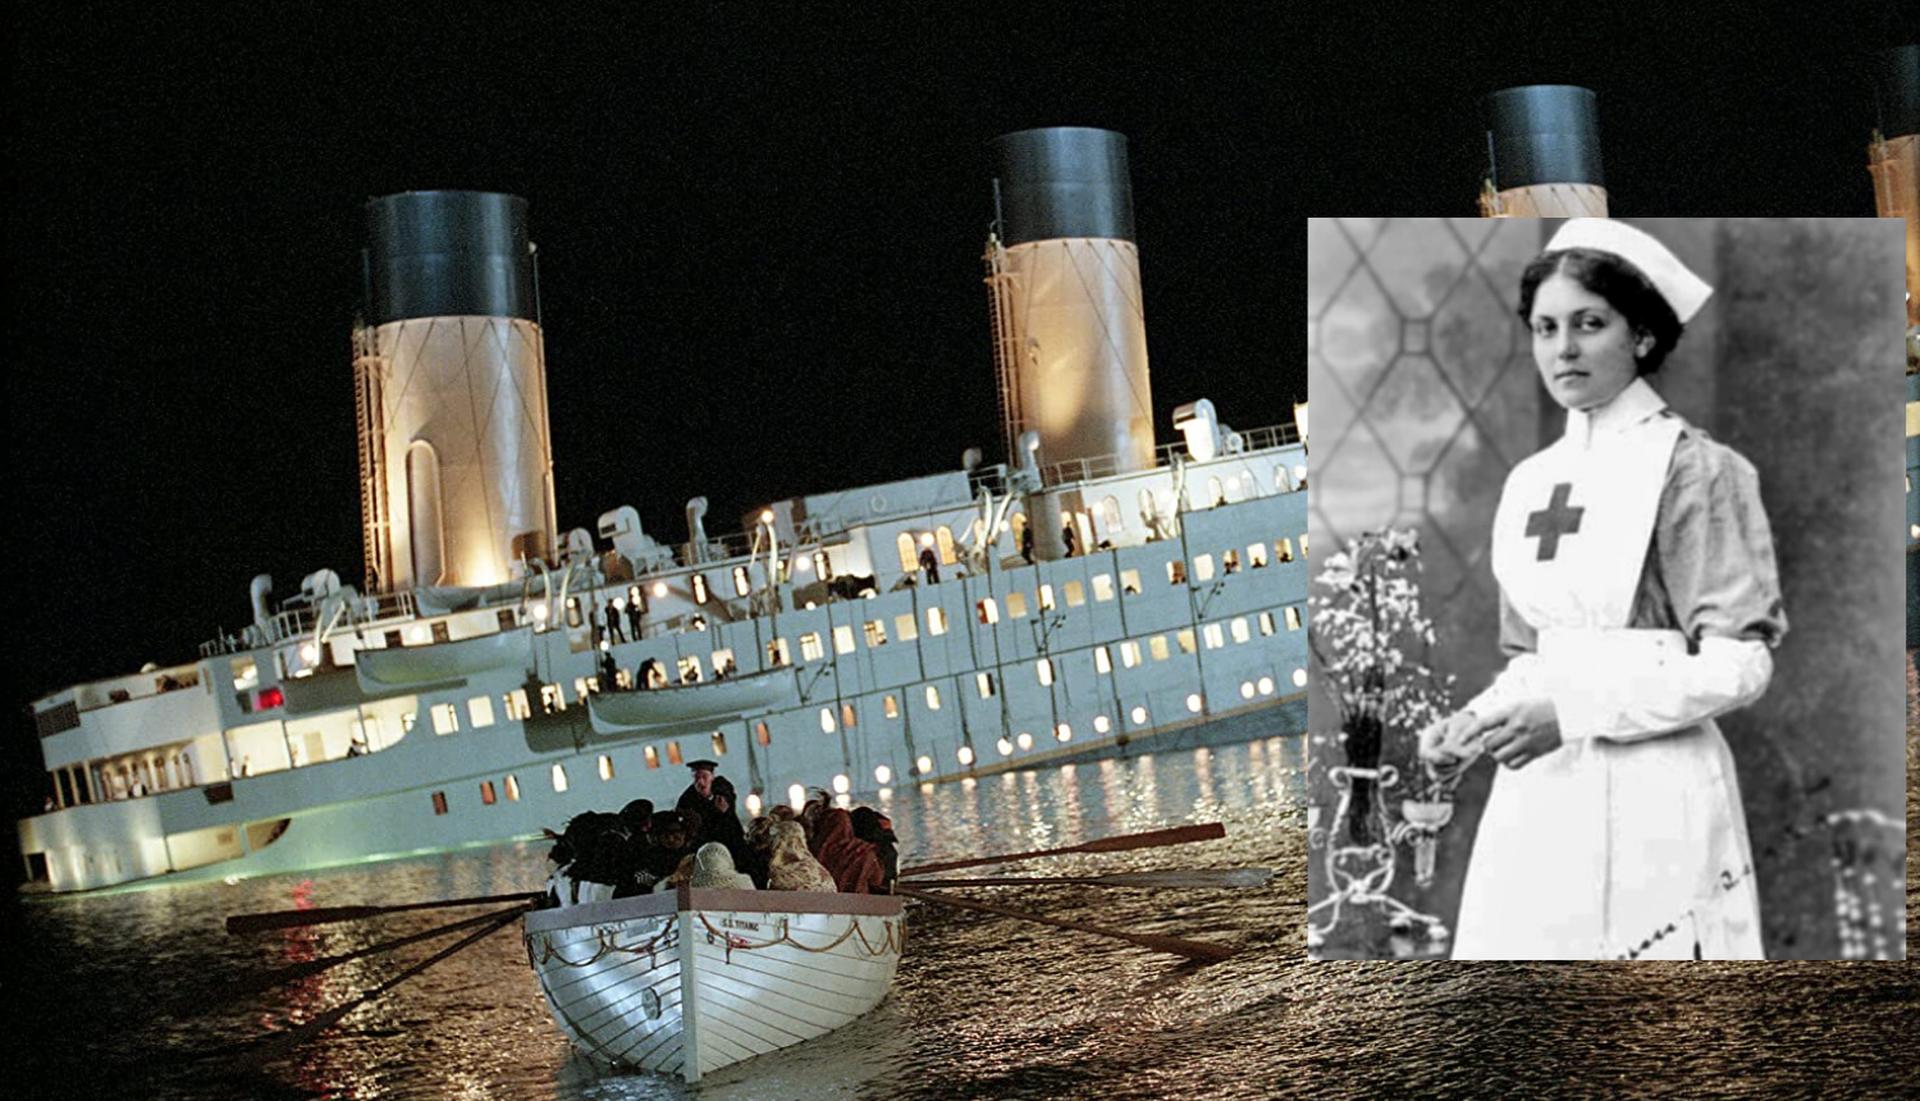 ZVALI SU JE 'GOSPOĐICA NEPOTOPIVA': Violet je bila na Titanicu, Olympicu, Britannicu i preživjela sva tri brodoloma!